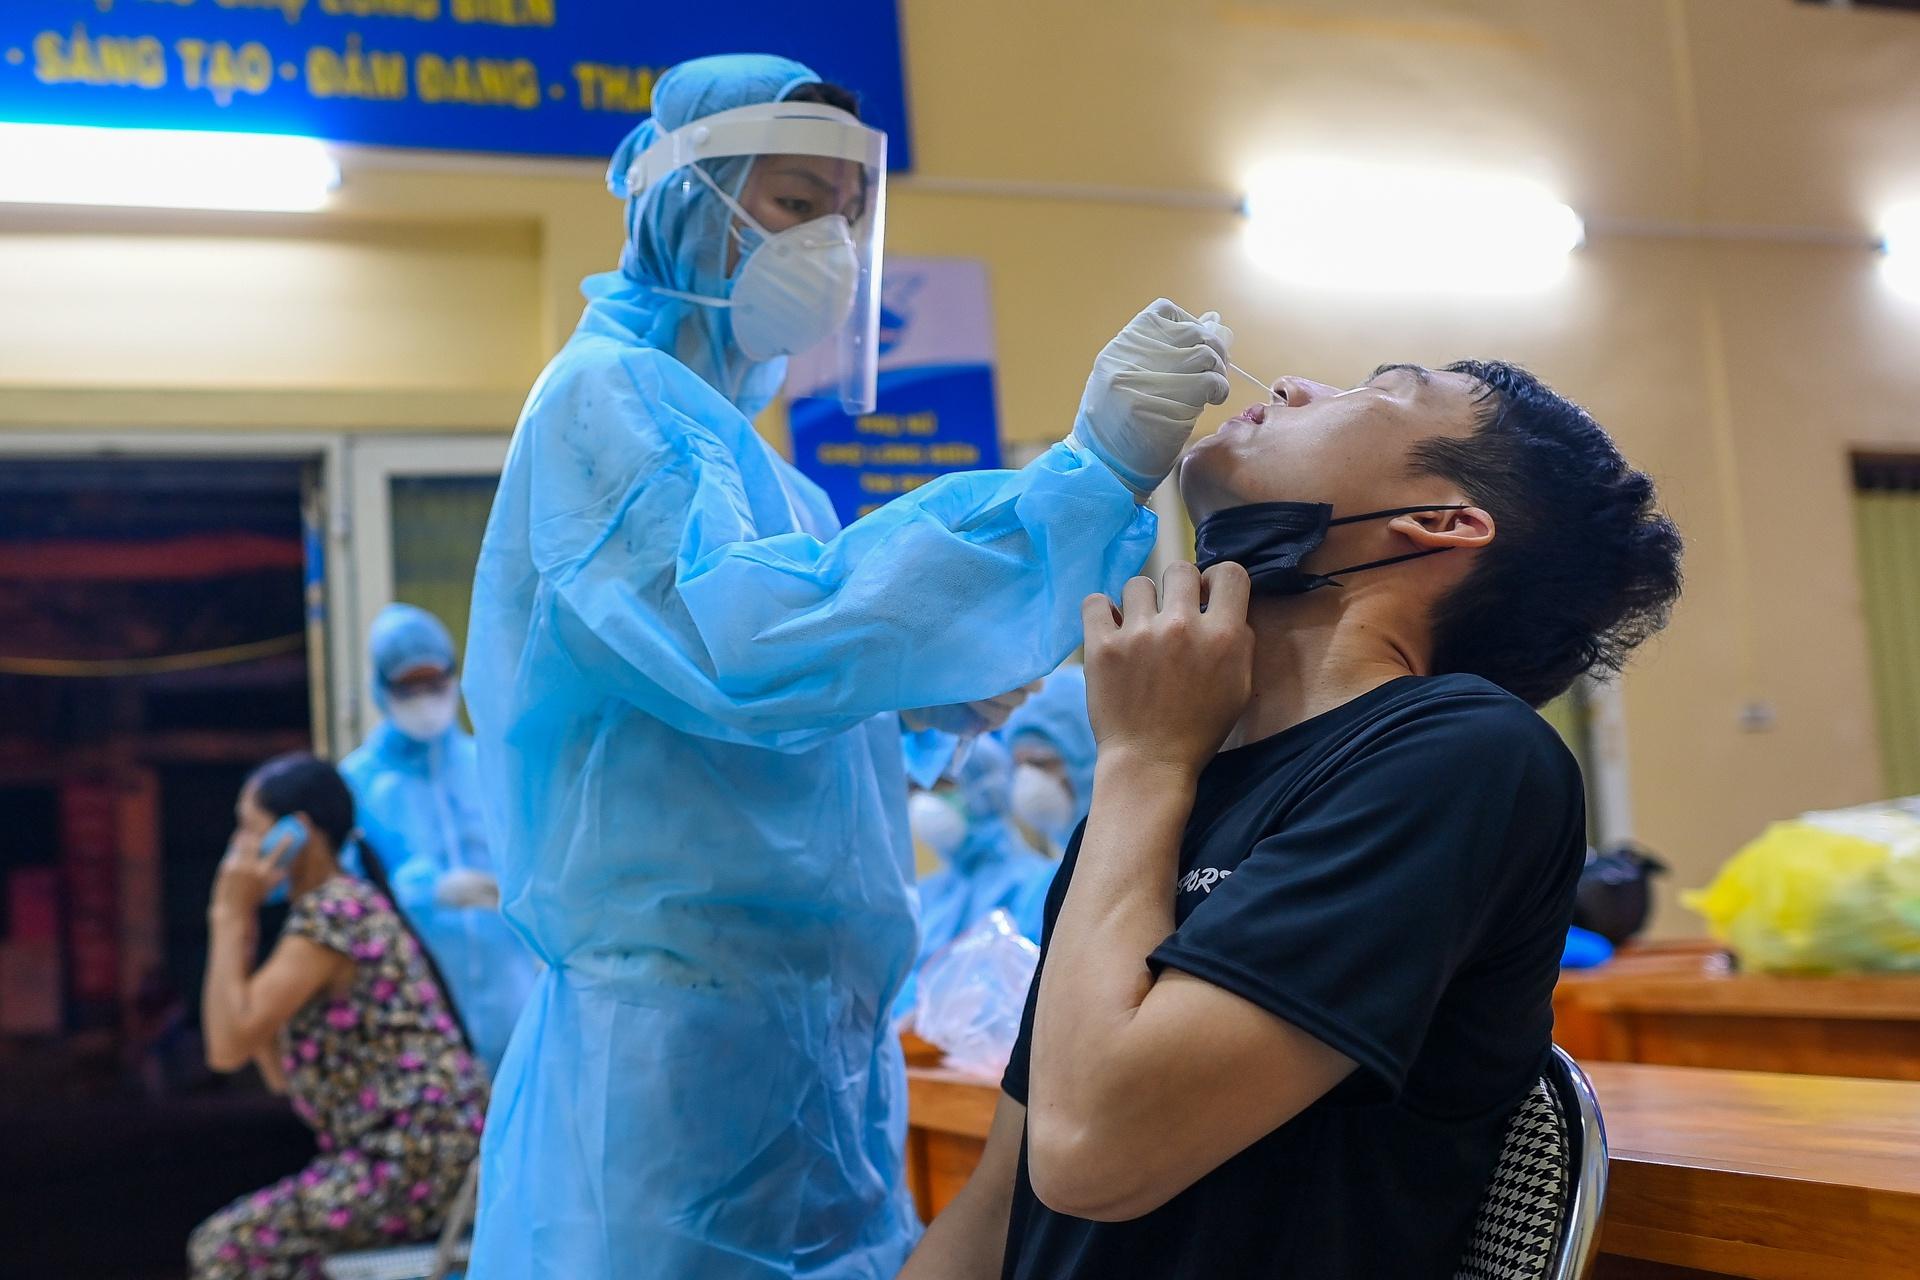 Một người từng nhiễm SARS-CoV-2 cách đây 10 tháng nay lại mắc COVID-19, Hà Nội có thêm 5 ca nhiễm mới-1